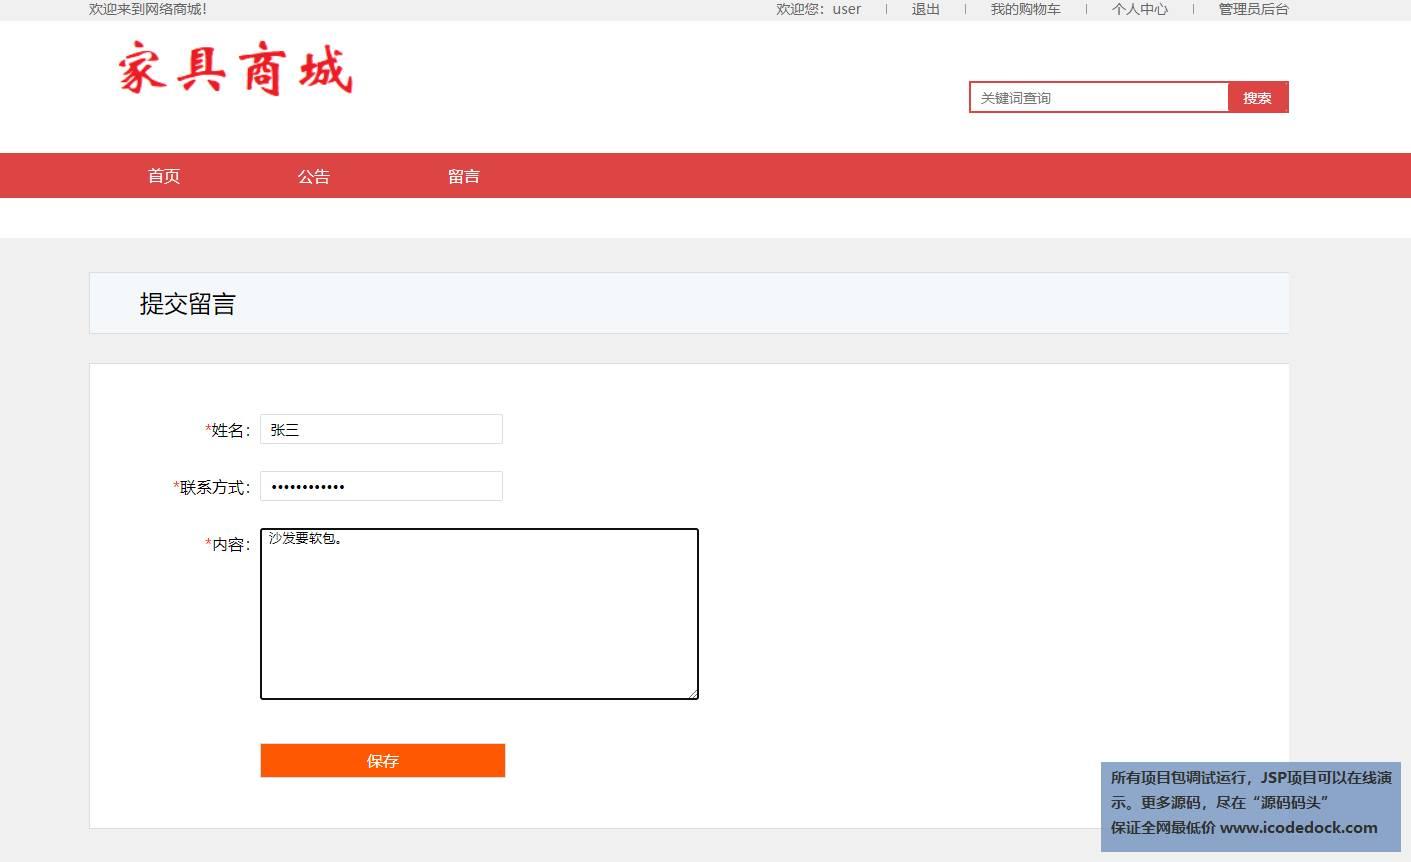 源码码头-SSM网上家具商城网站系统平台-用户角色-提交留言